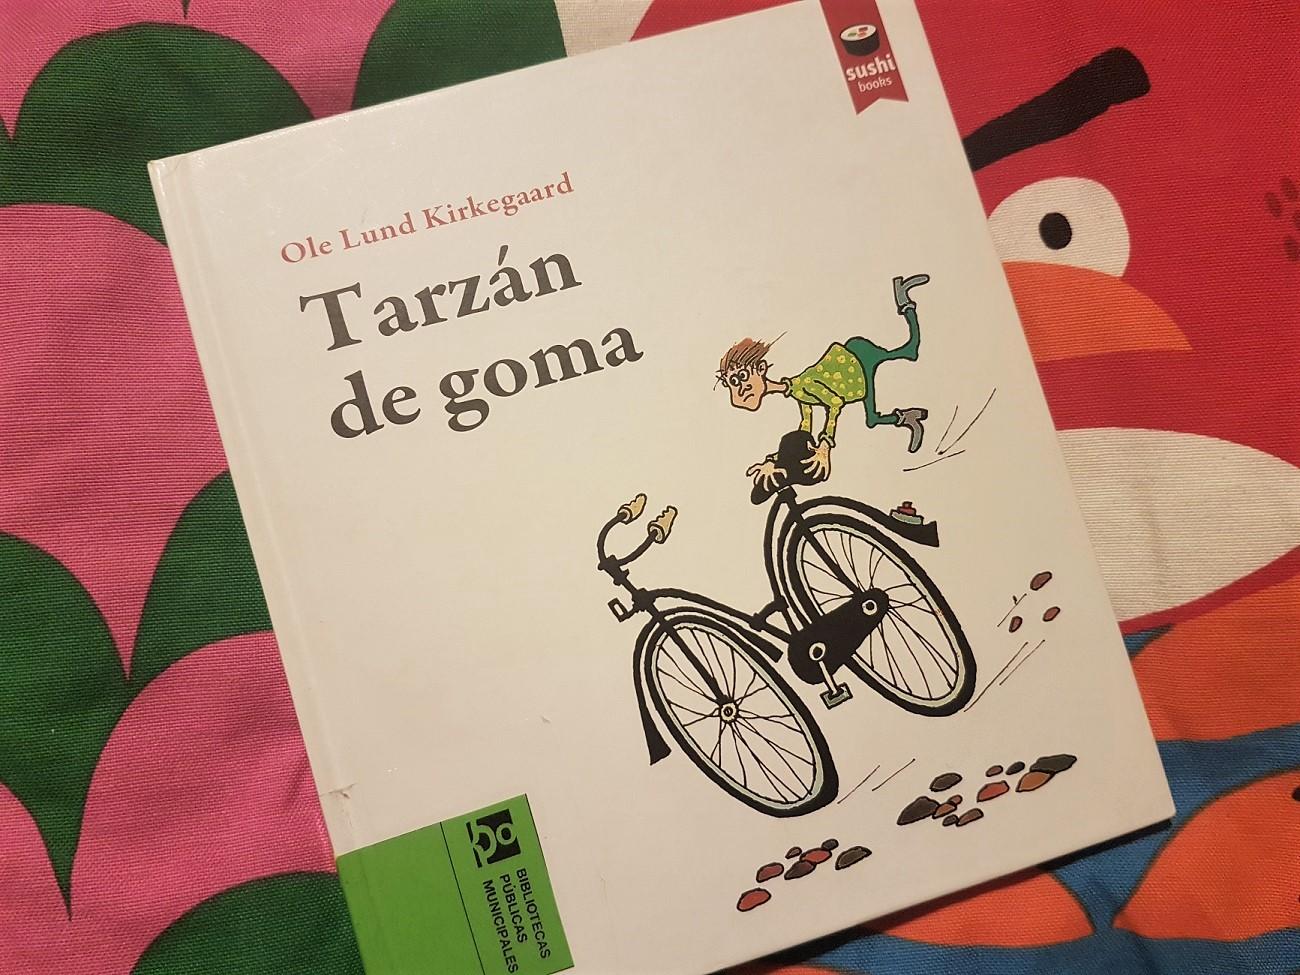 Tarzán de goma - Ole Lund Kirkegaard - reseñas de libros para niños - Telar de Libros